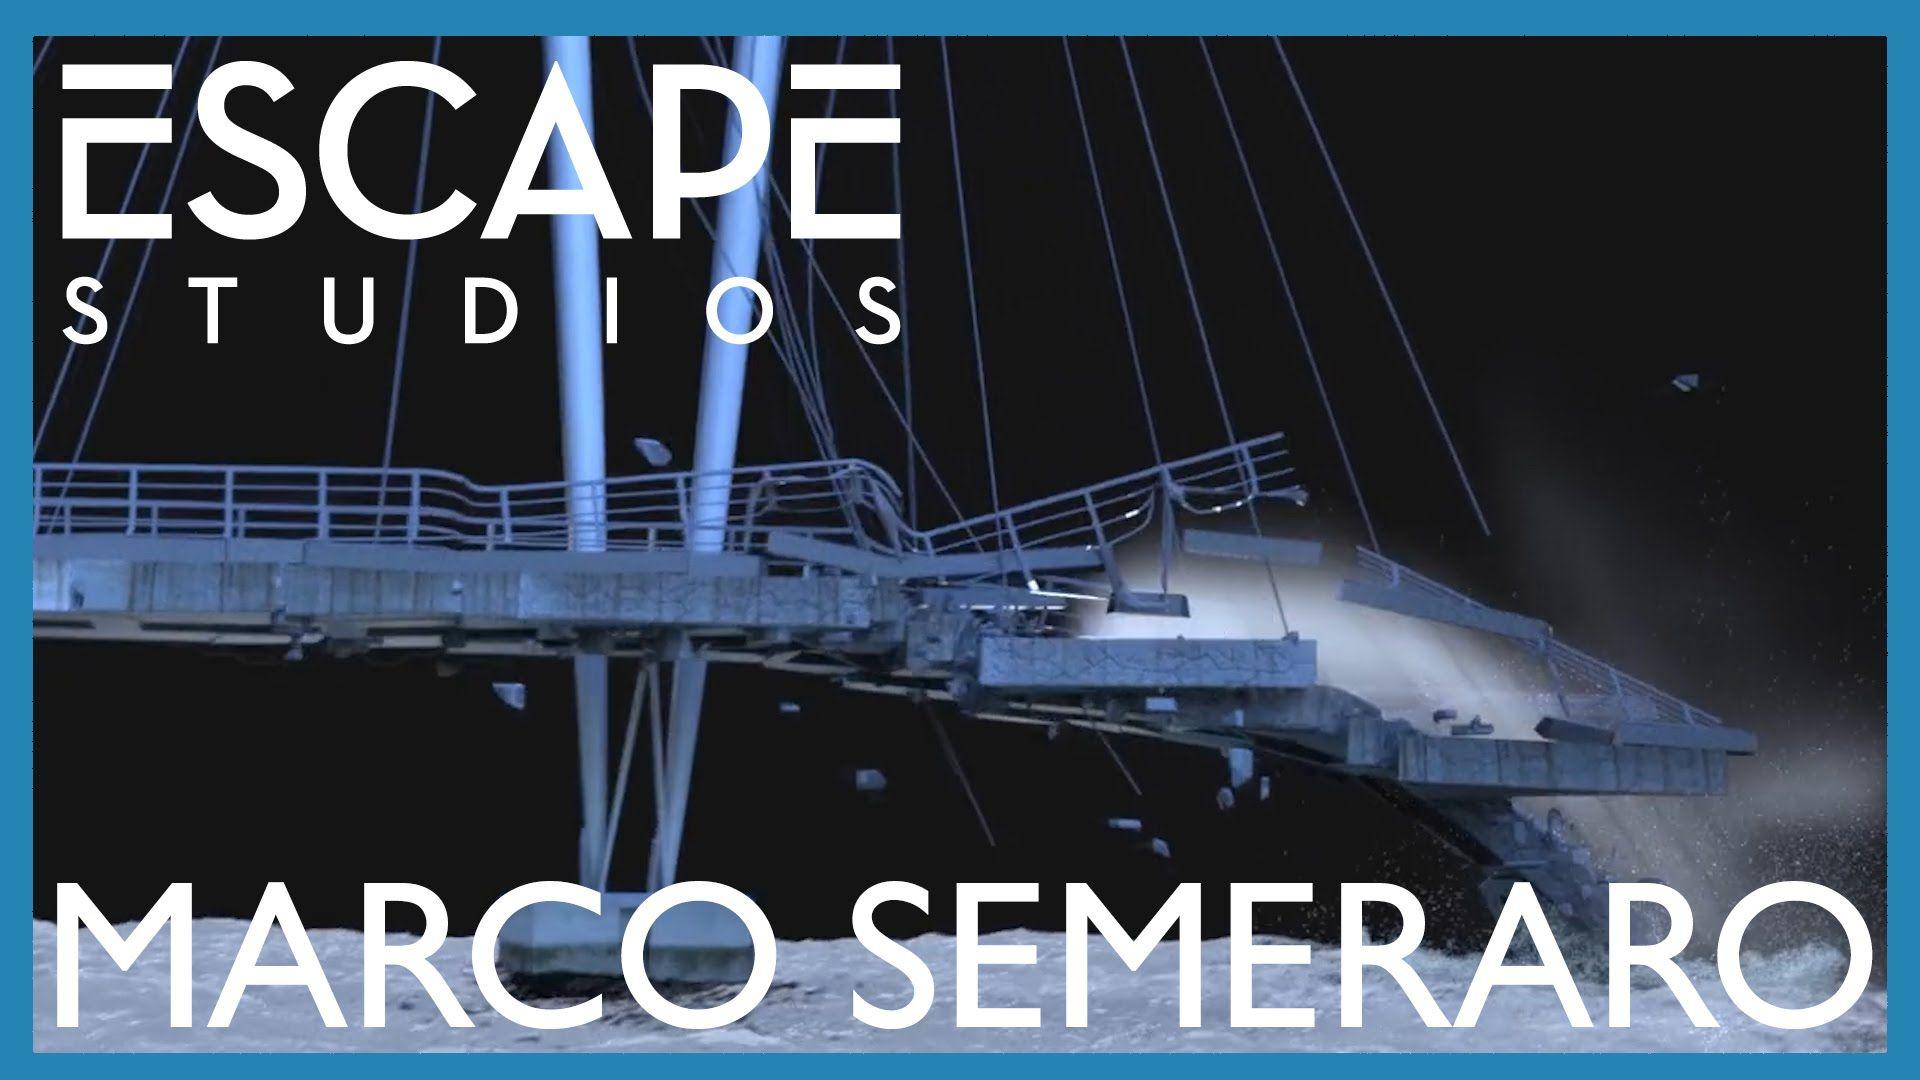 Escapee Showreels - Marco Semeraro